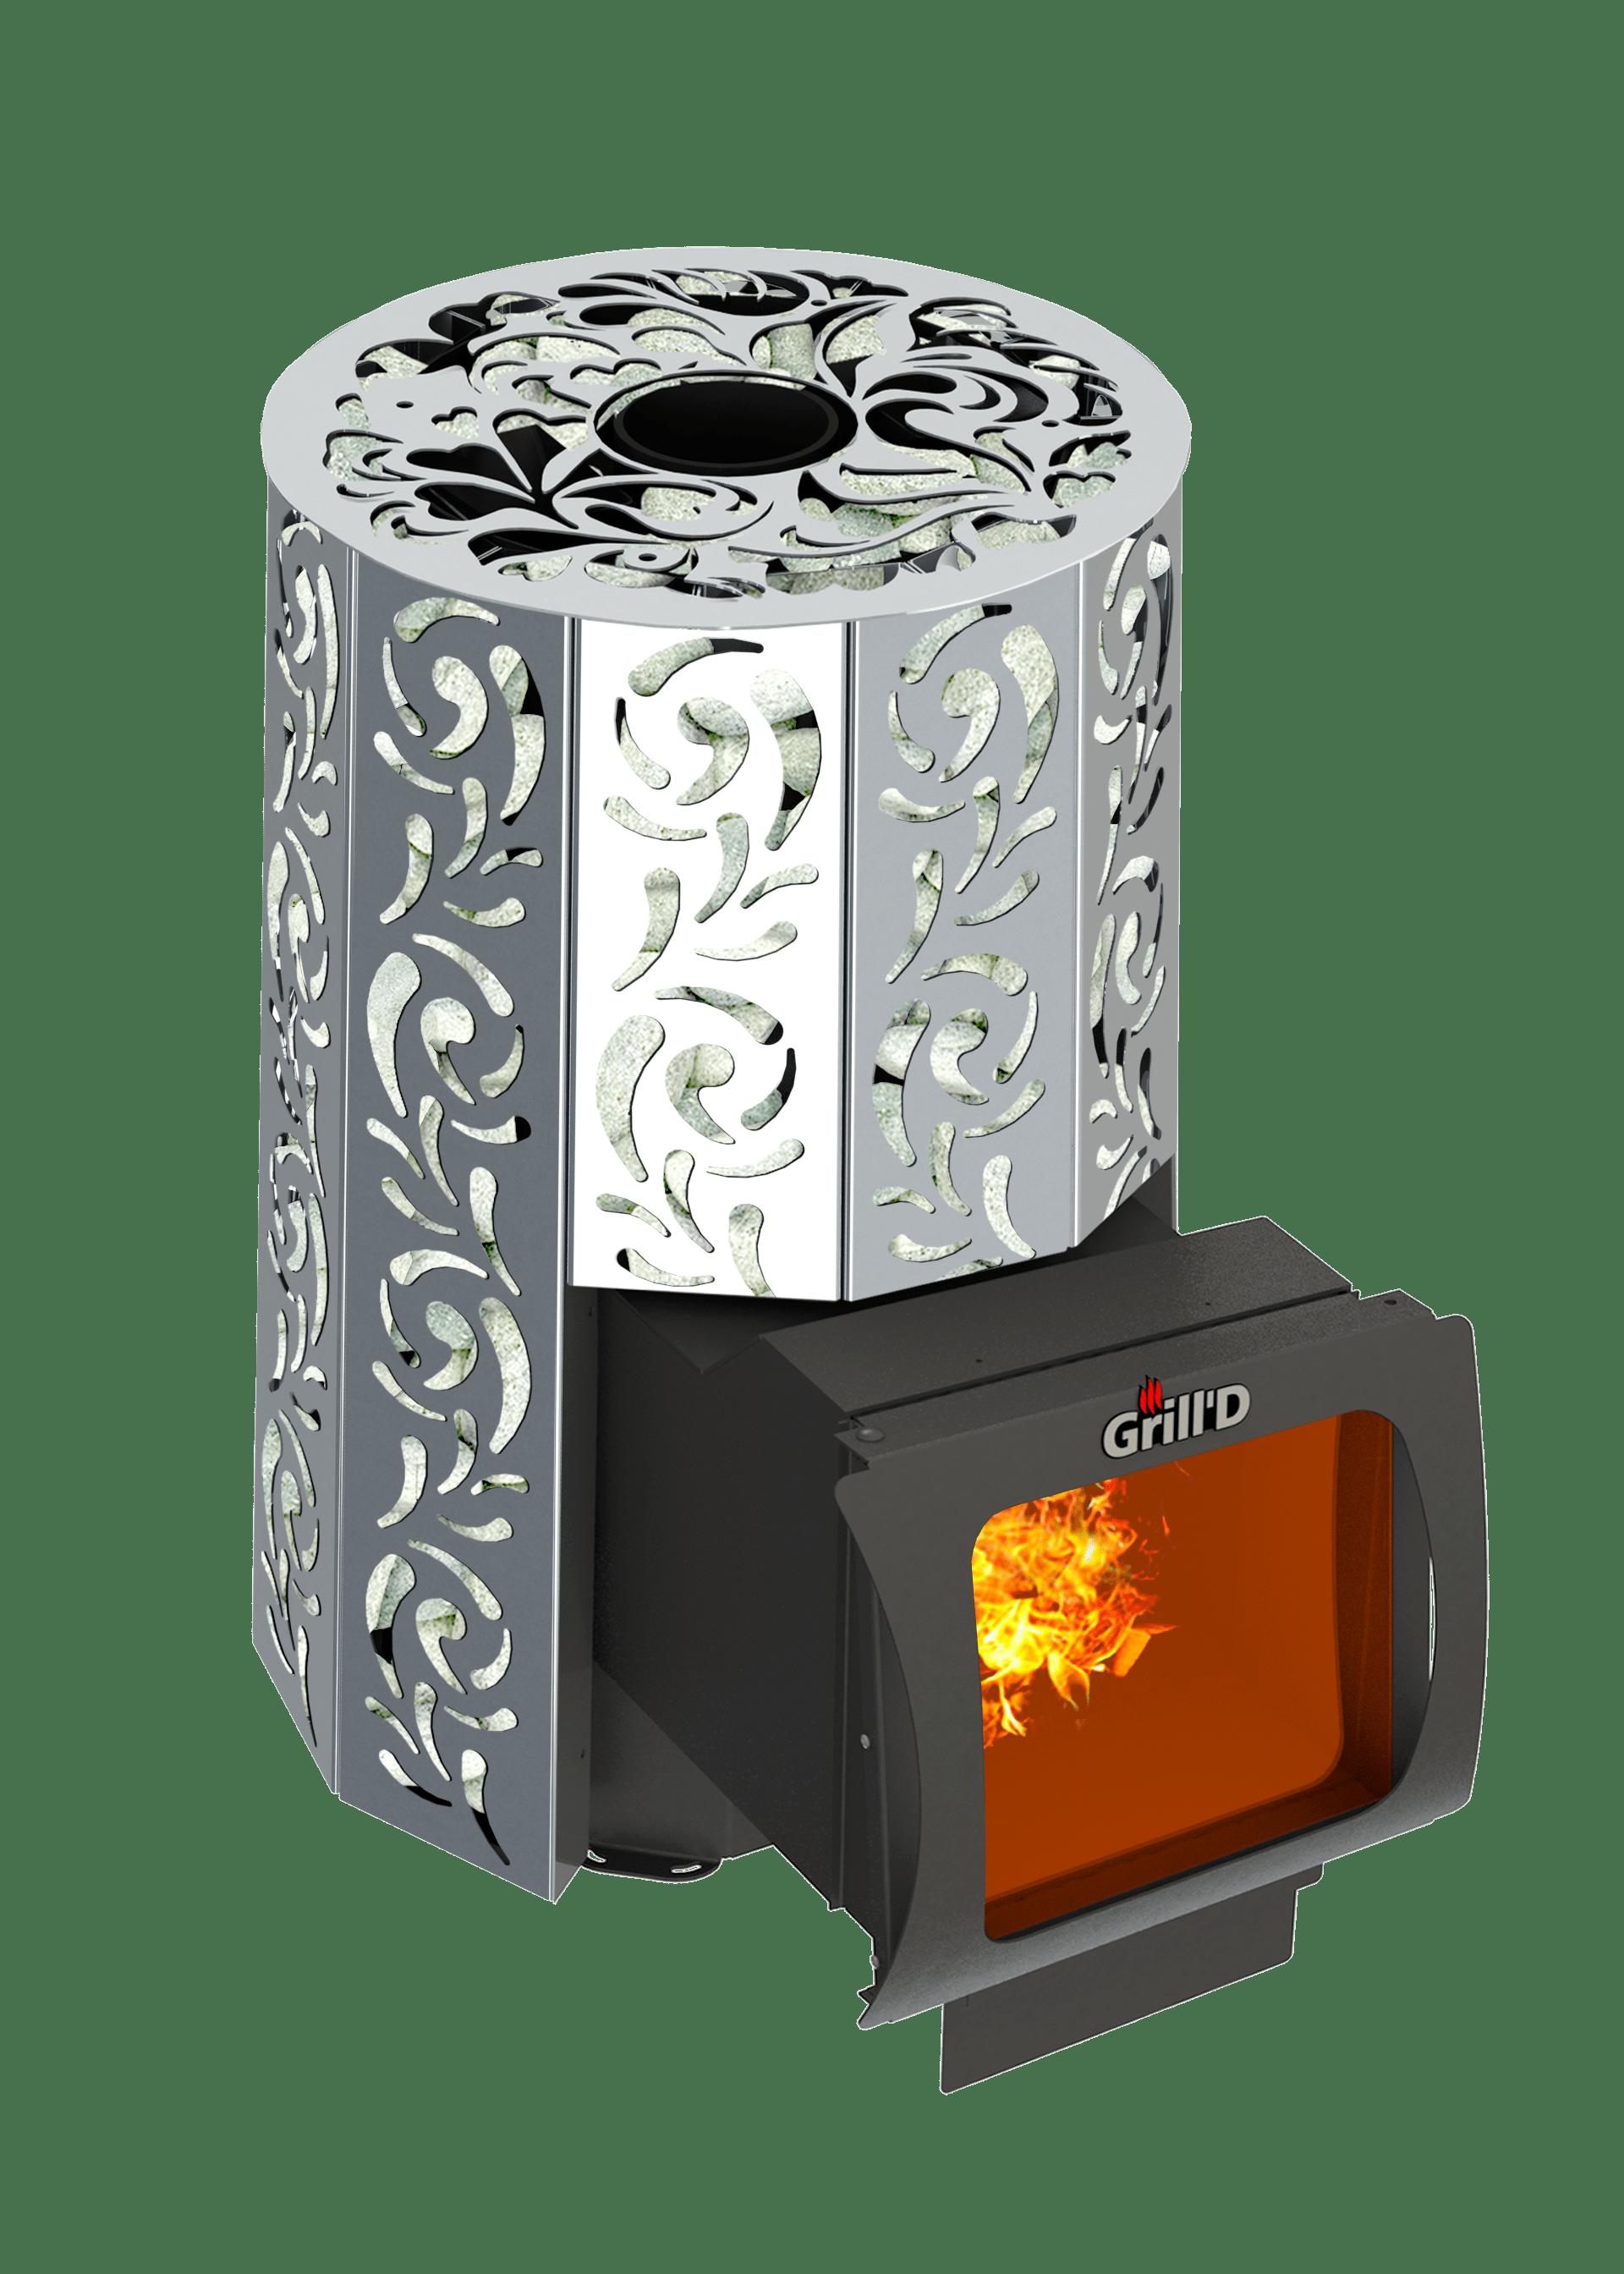 Банная печь Grill'D Violet Steel Long Window Max (Жадеит 100 кг)